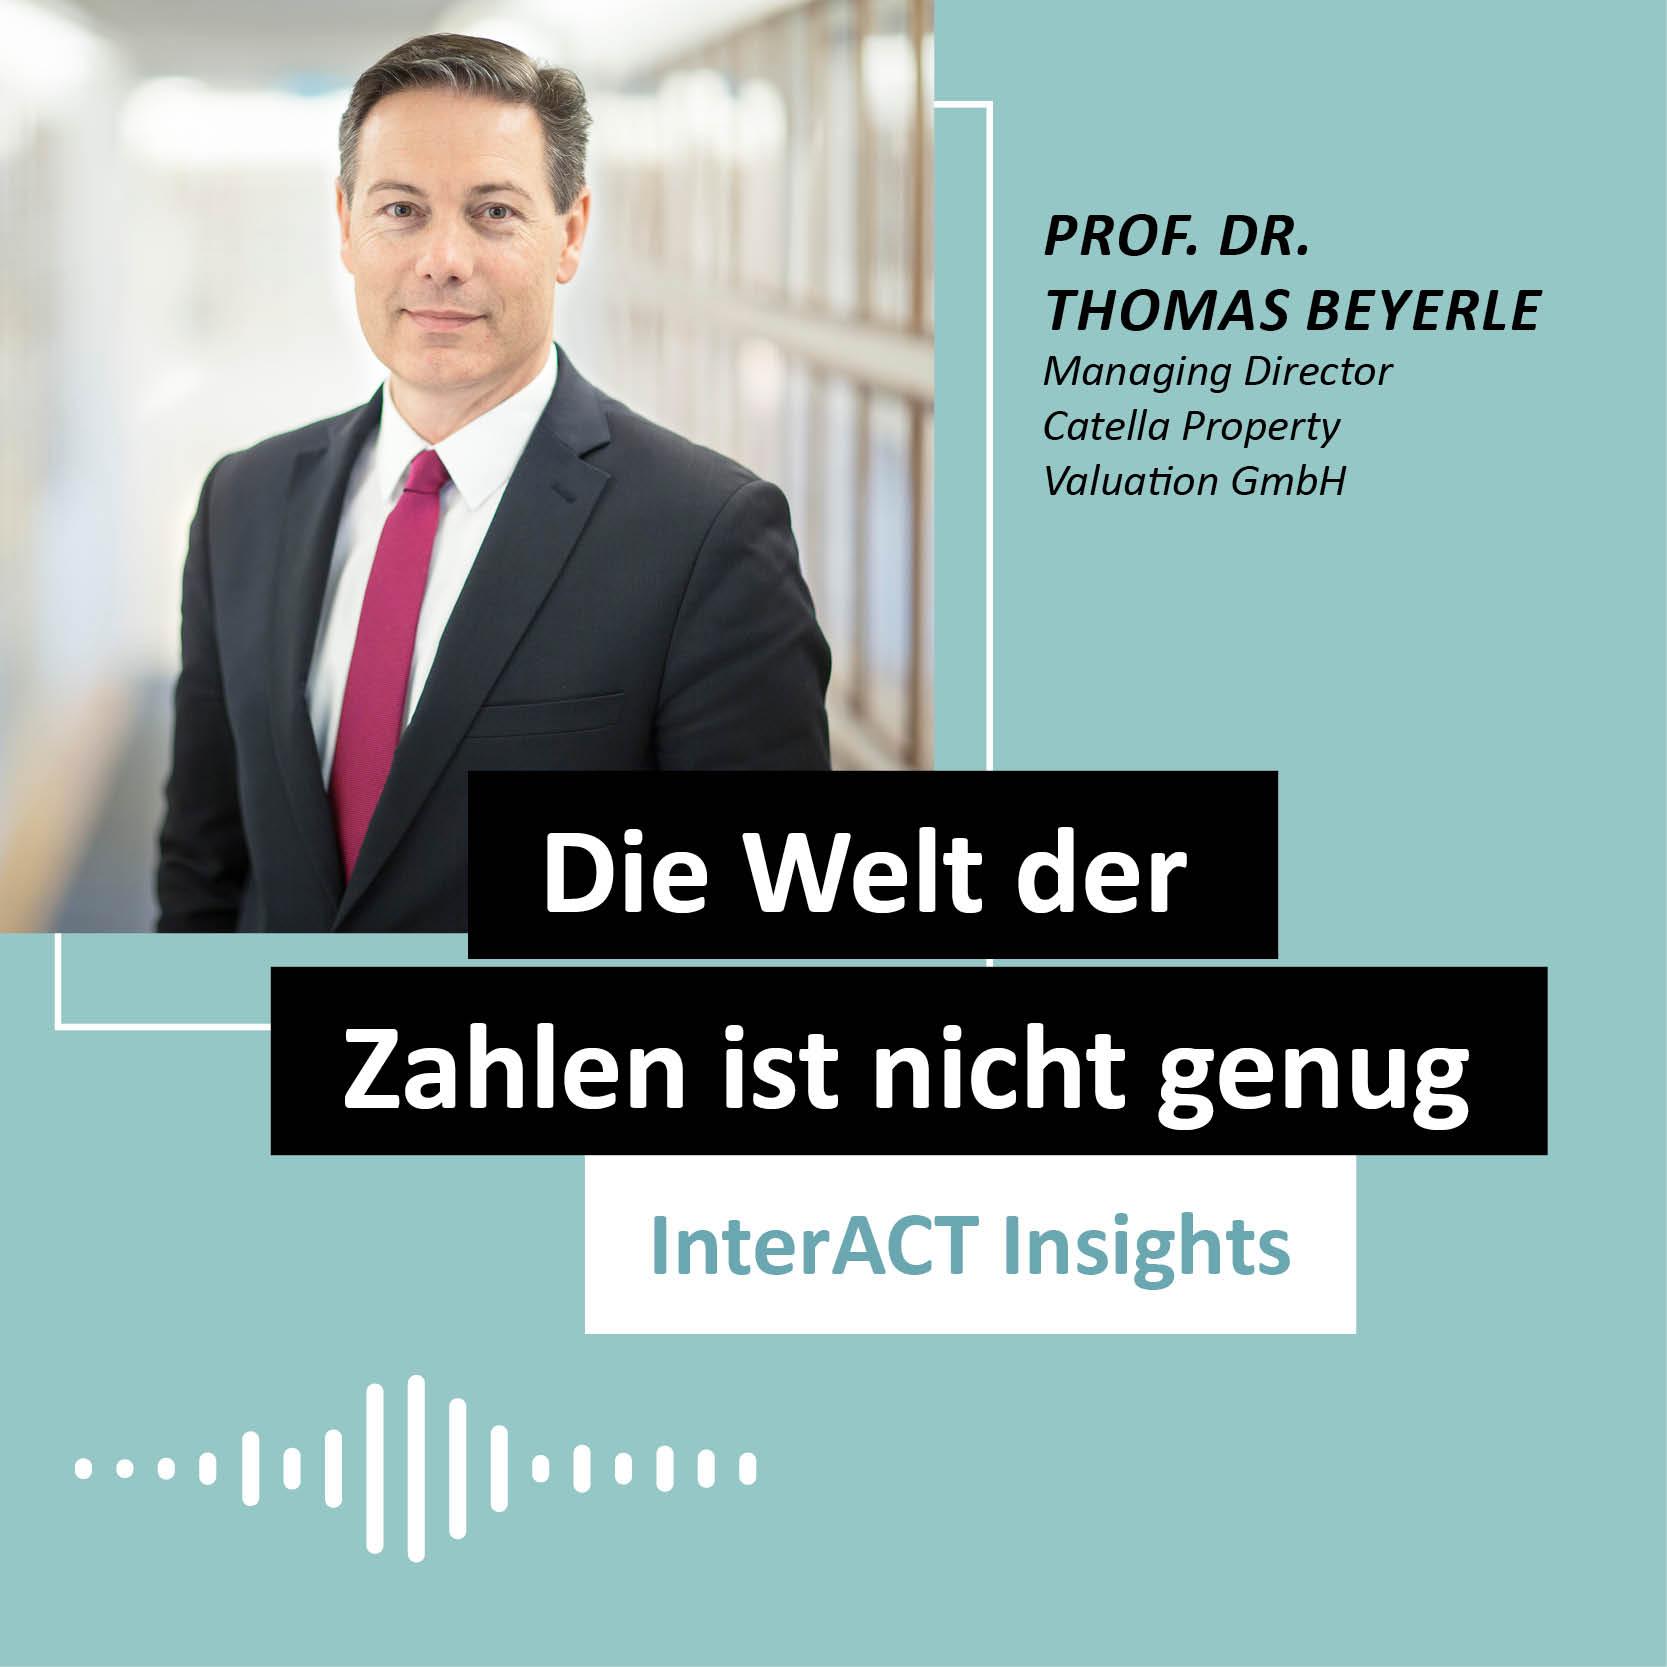 """Podcastfolge mit Prof. Dr. Thomas Beyerle - """"Die Welt der Zahlen ist nicht genug"""" - InterACT Insights"""